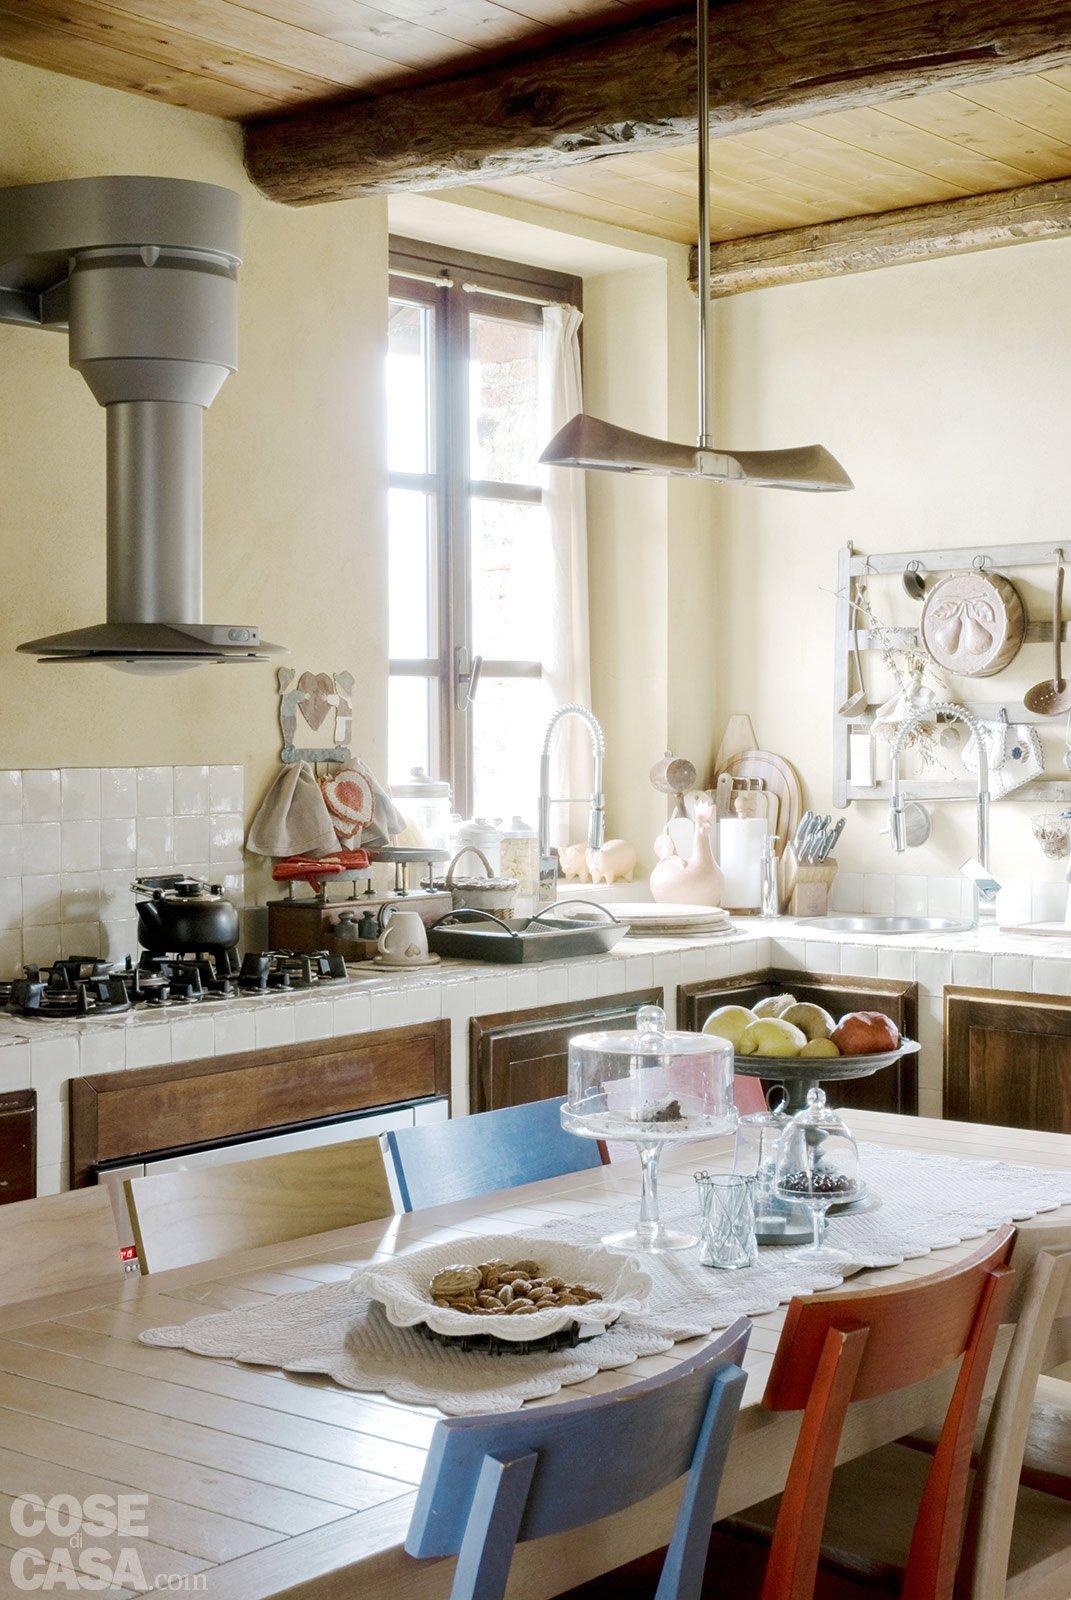 Cappe per cucina in legno : cappe aspiranti per cucina in legno ...